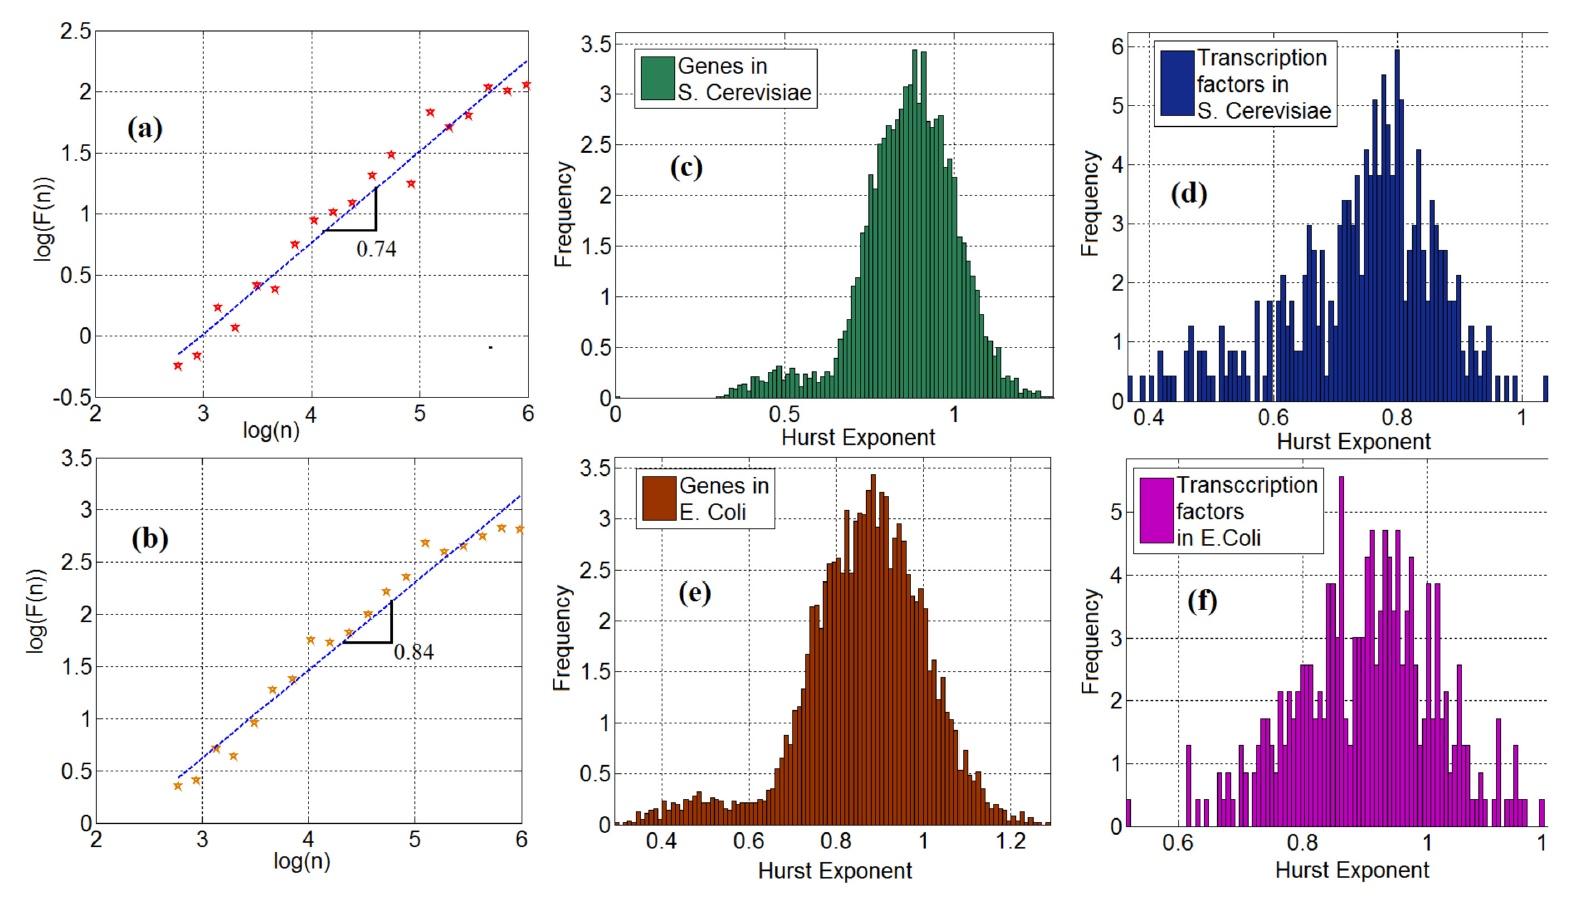 Генетика сорта Романеско: фрактальная математическая модель экспрессии генов - 5